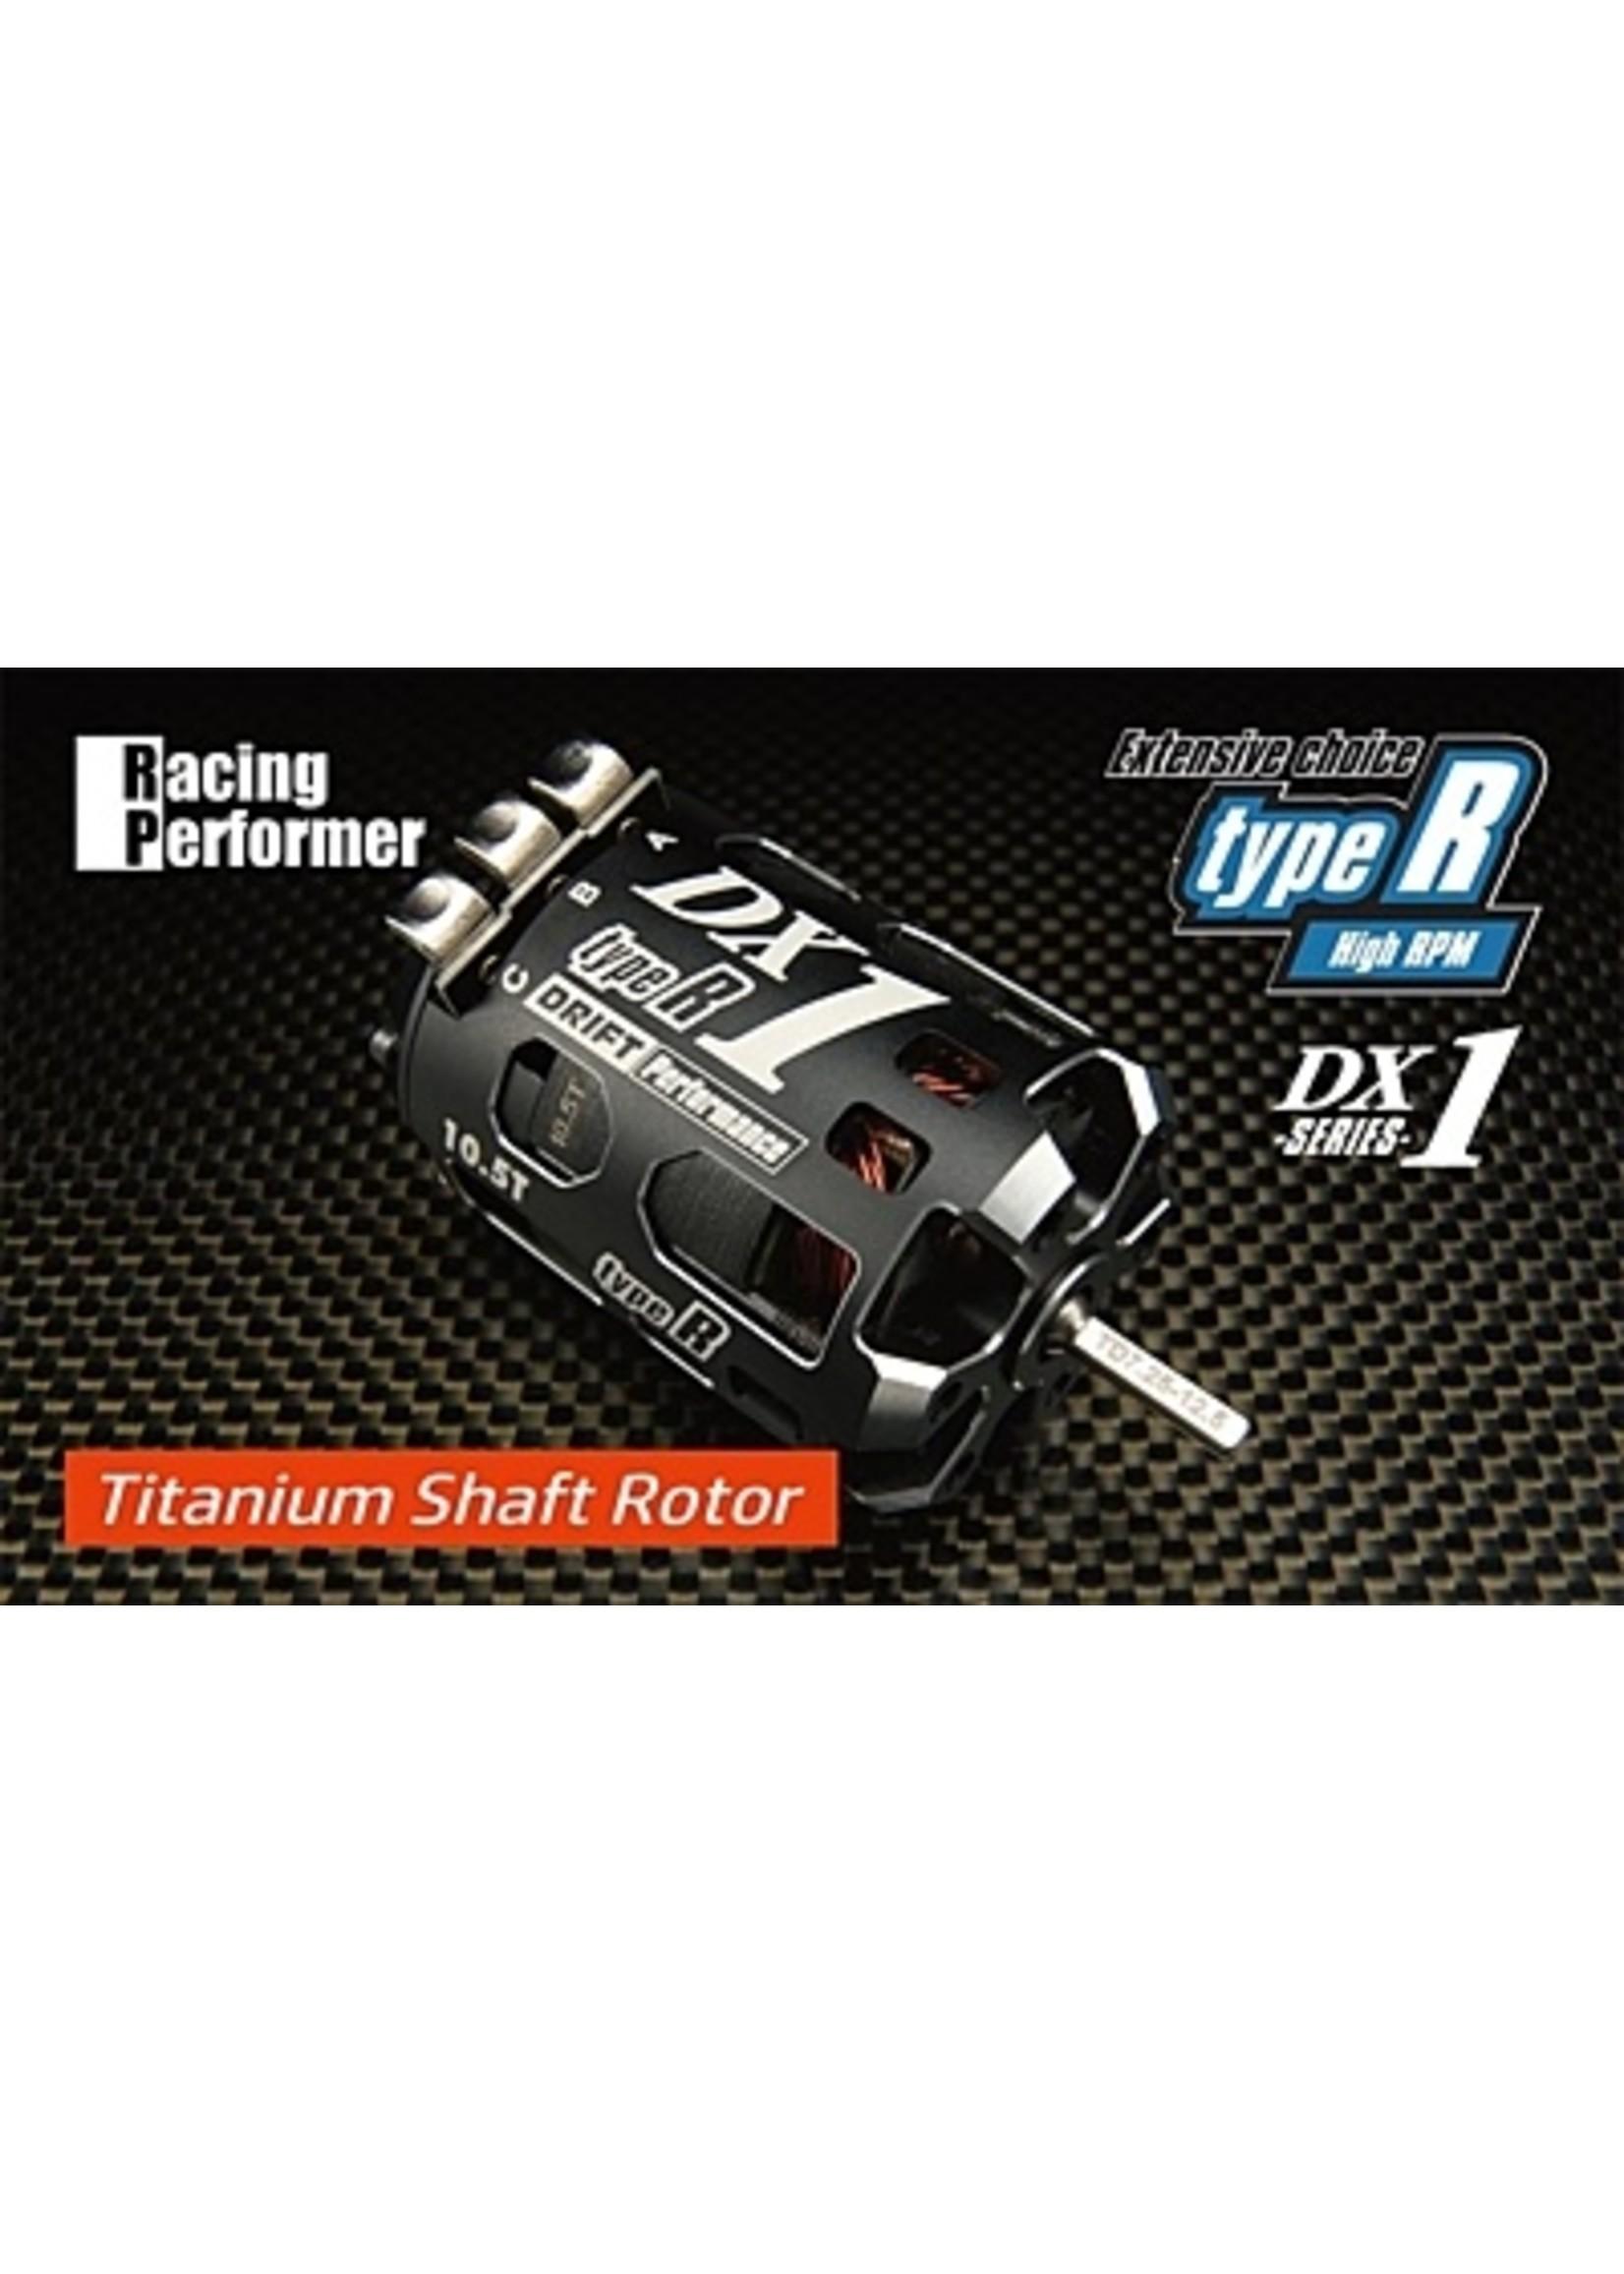 Yokomo Yokomo Racing Performer DX1 Type-R (High Rotation type) Motor (Titanium Shaft) 10.5T RPM-DX105RT